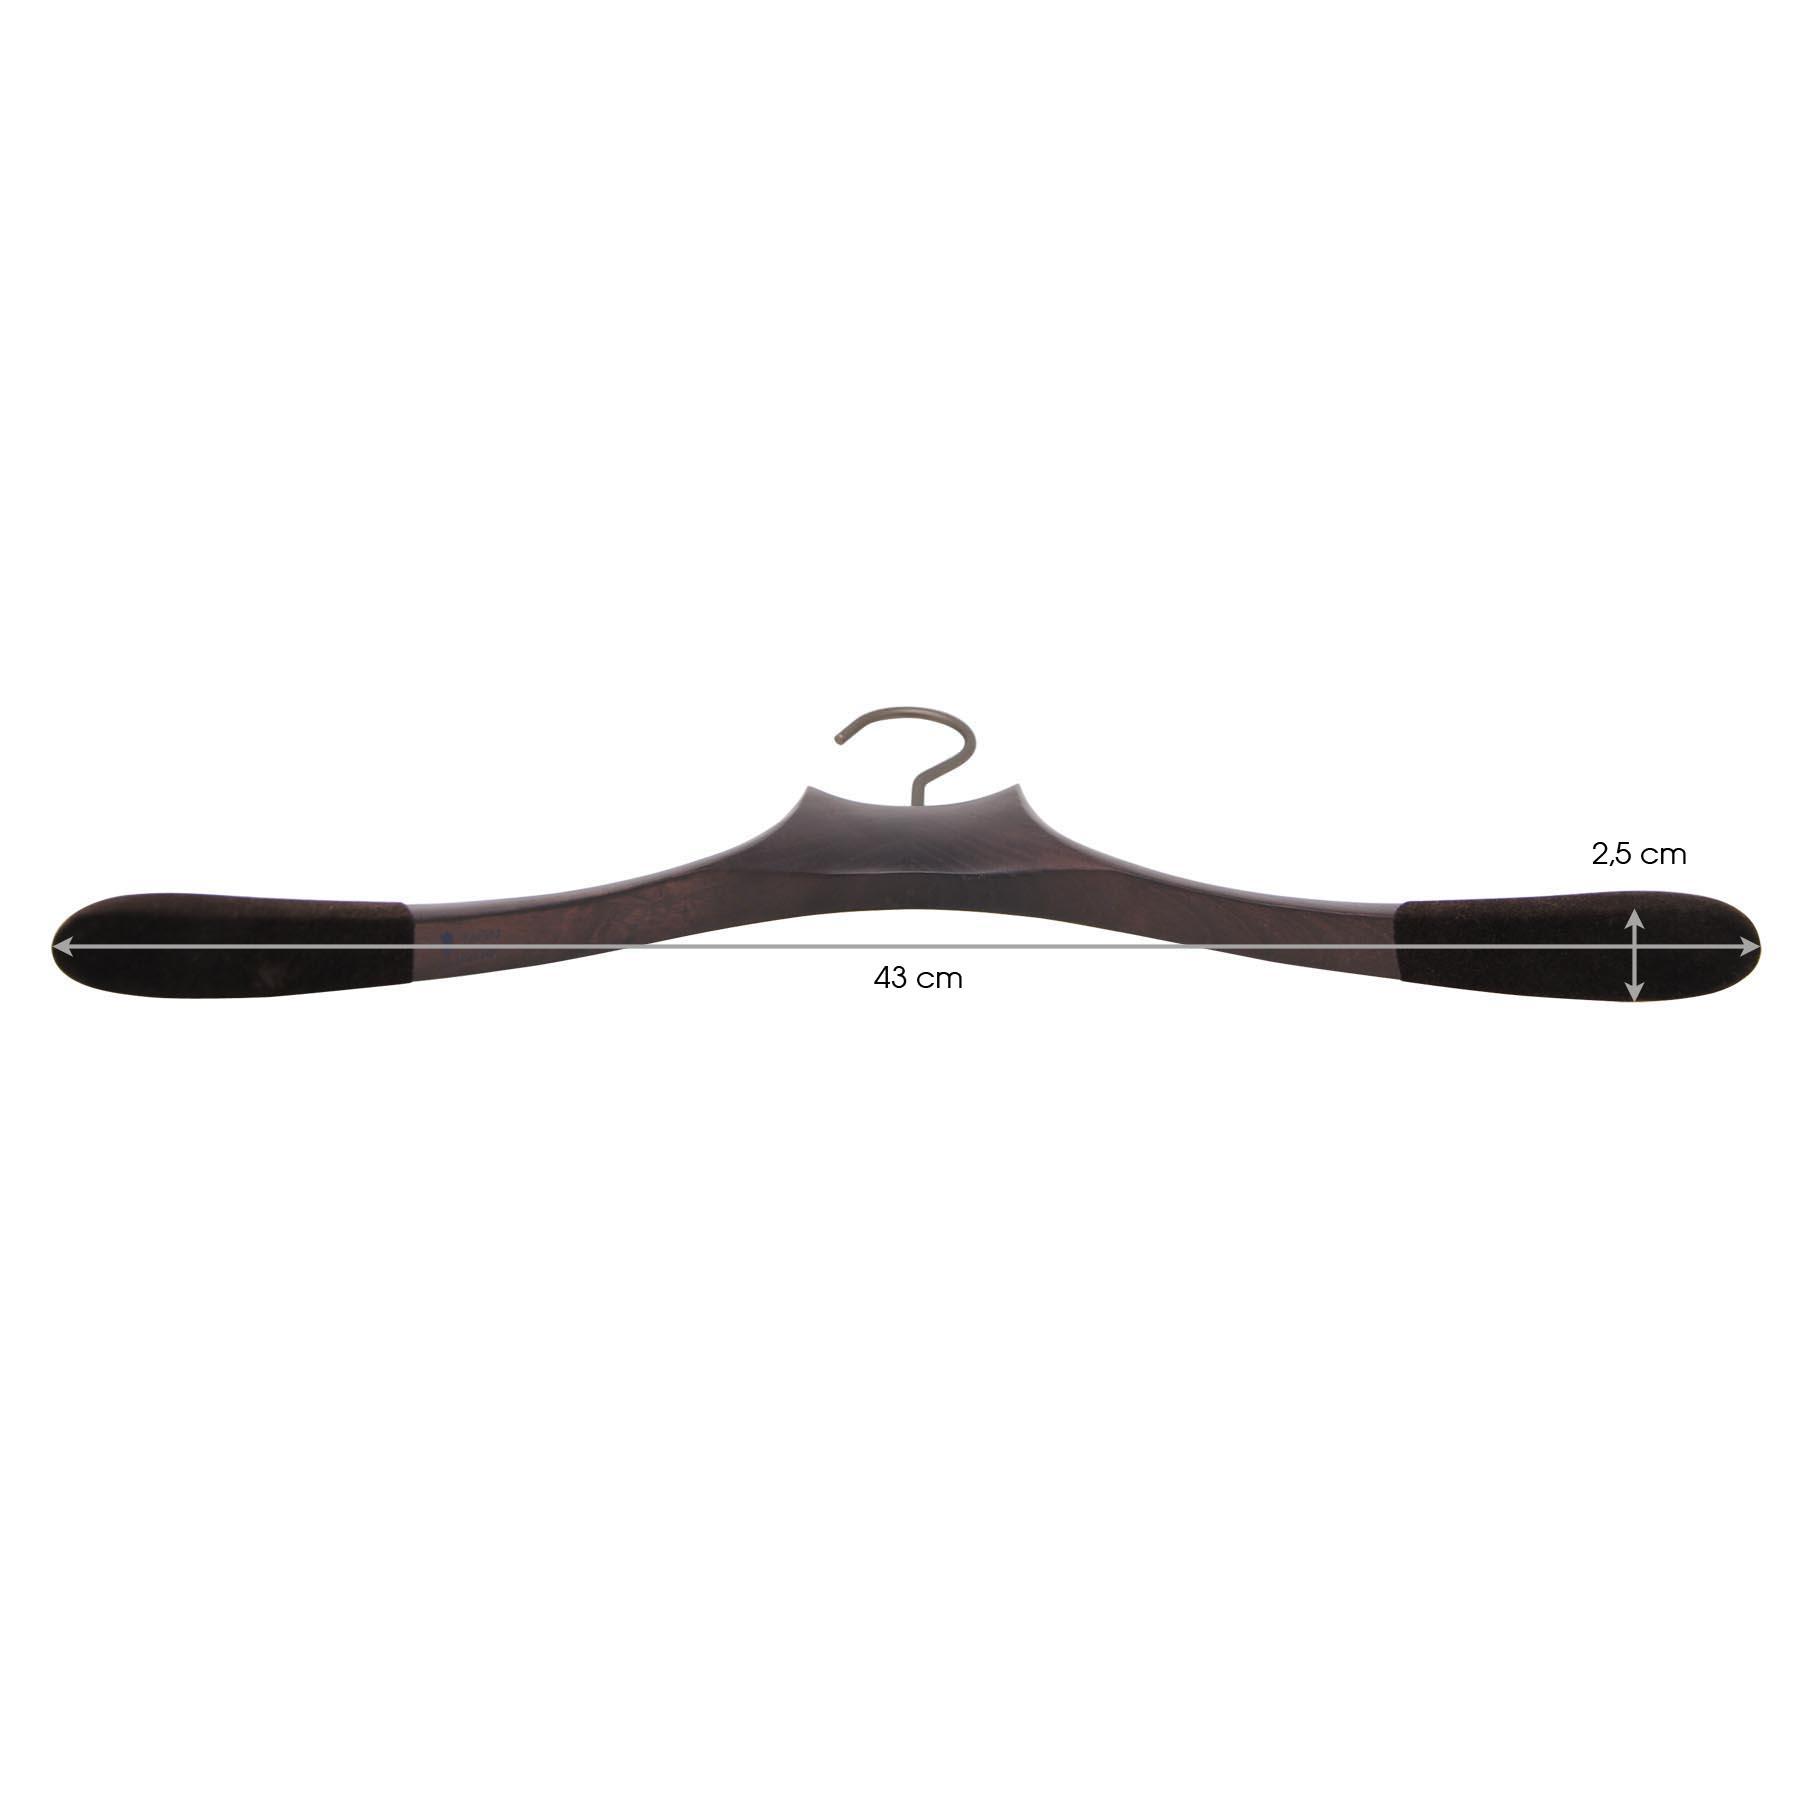 cintre pour chemise avec antiglisse - 43 cm